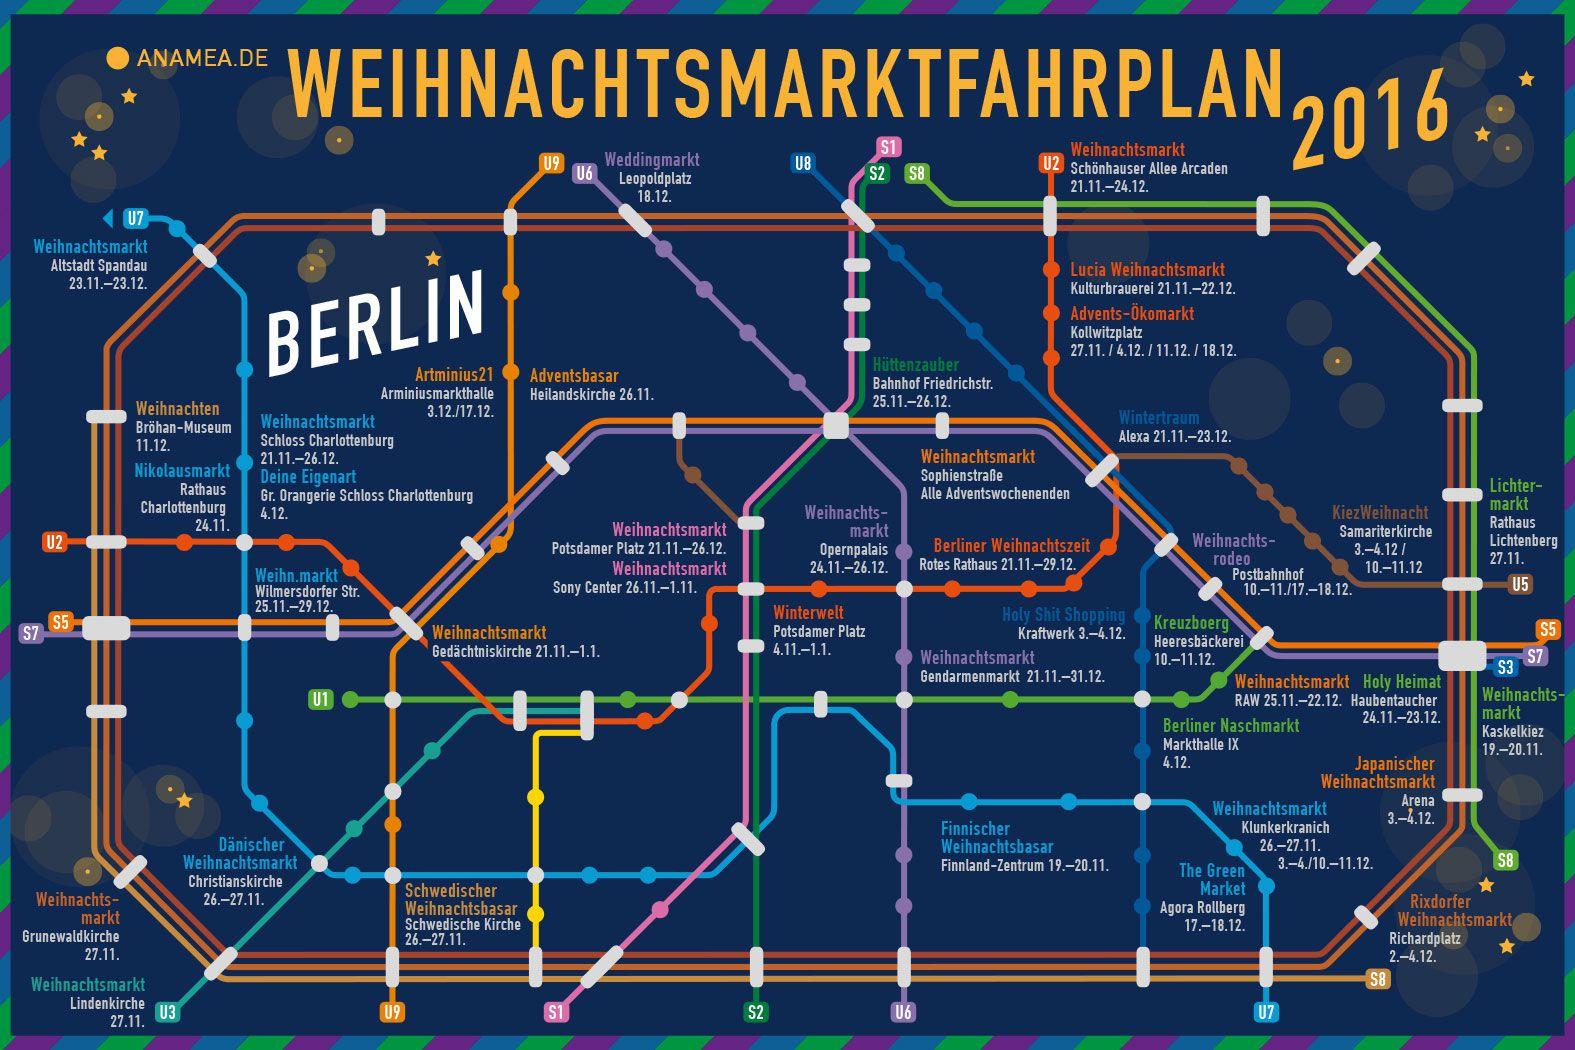 Die Weihnachtsmarkt Berlin Ubersicht Entdecke Jetzt Die Berliner Weihnachtsmarkte Mit Dem Berliner Weihnacht Weihnachtsmarkt Berlin Berlin Tipps Berlin